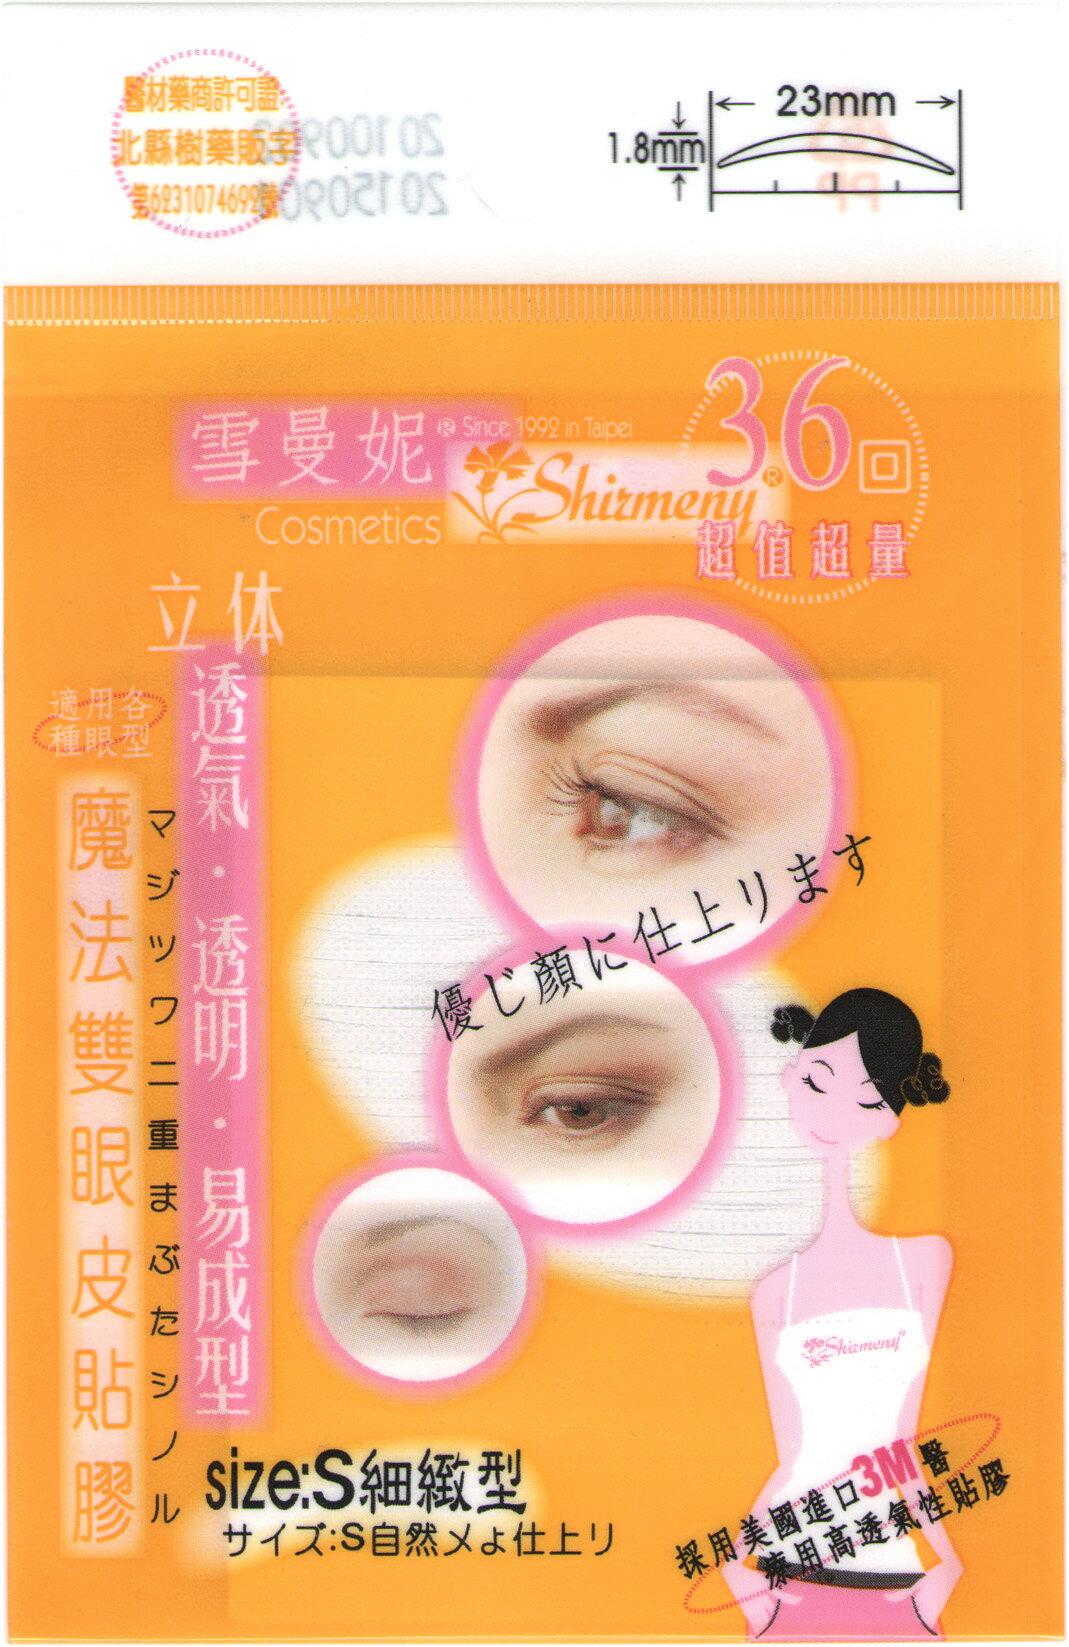 雪曼妮魔法雙眼皮貼膠S型(3M材質透氣膠美眼貼)